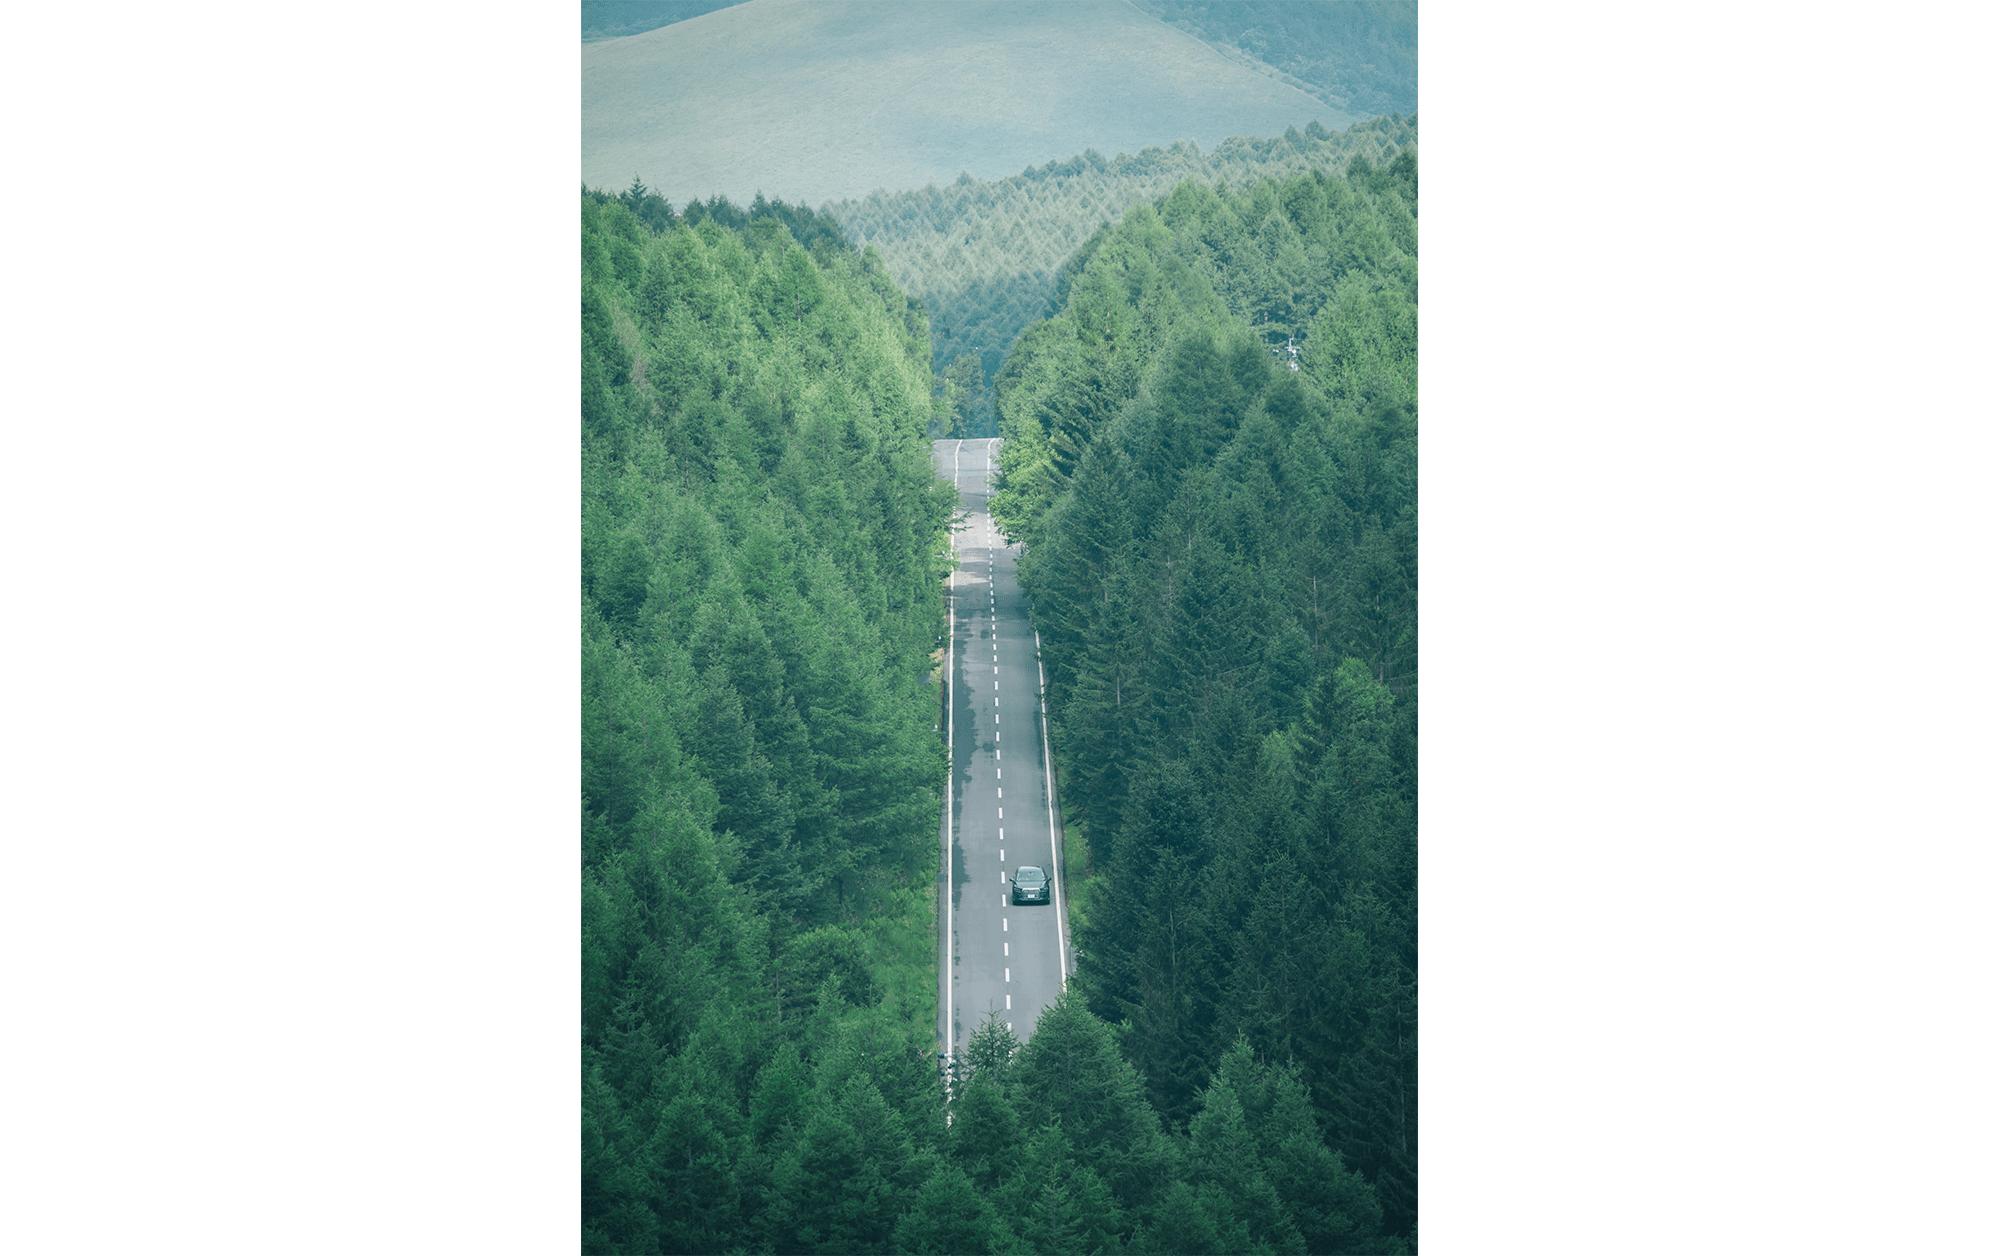 八ヶ岳、アートフォト探訪の旅 | Audi Q7